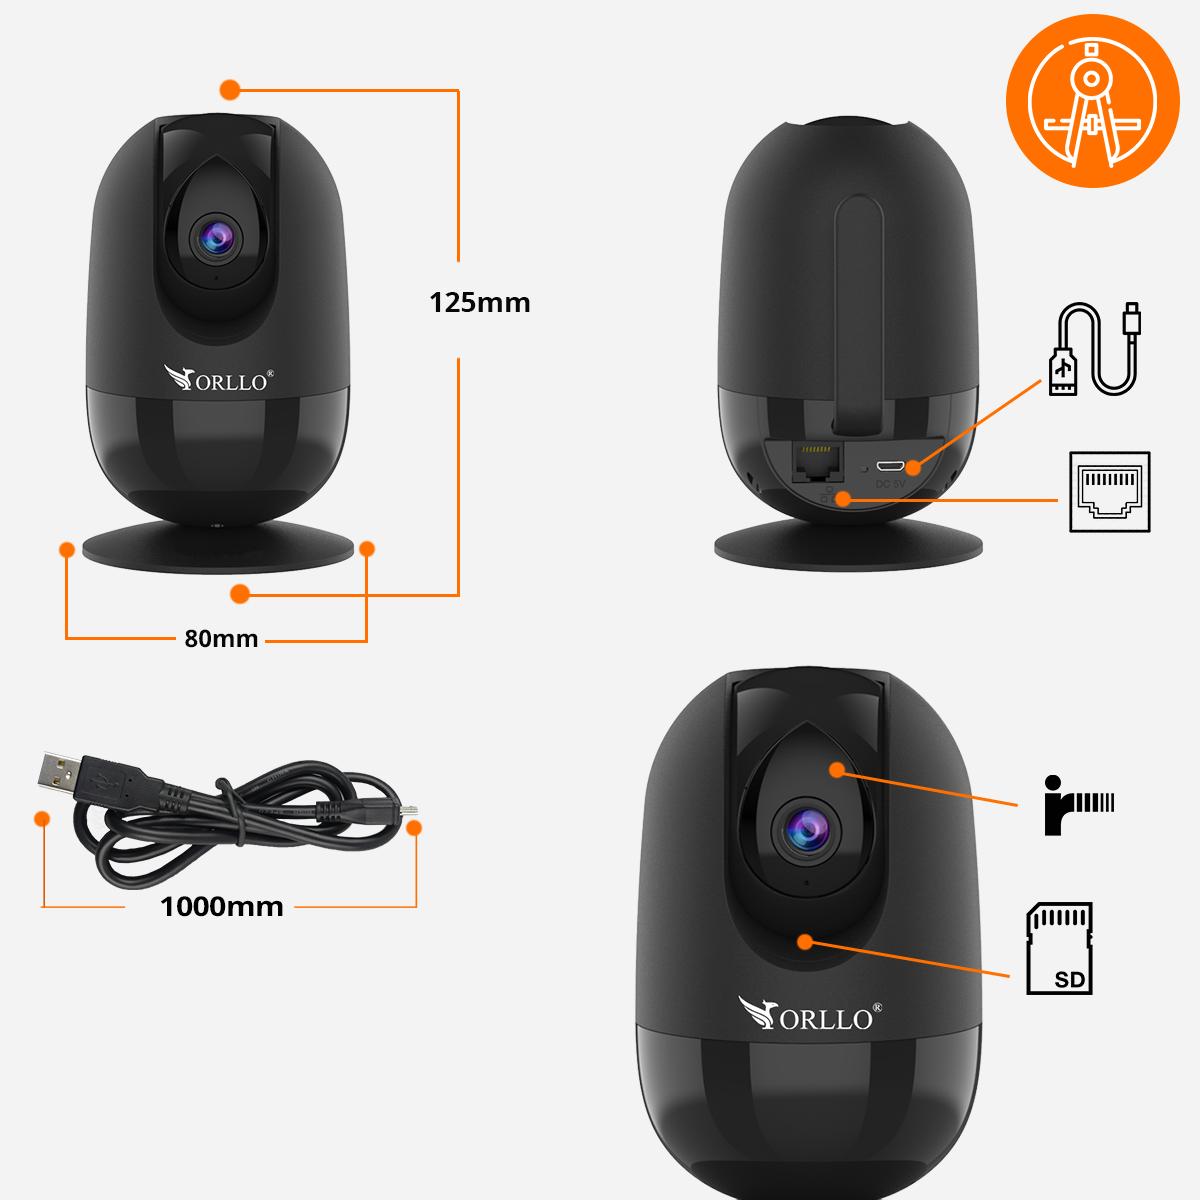 kamera bezprzewodowa specyfikacja